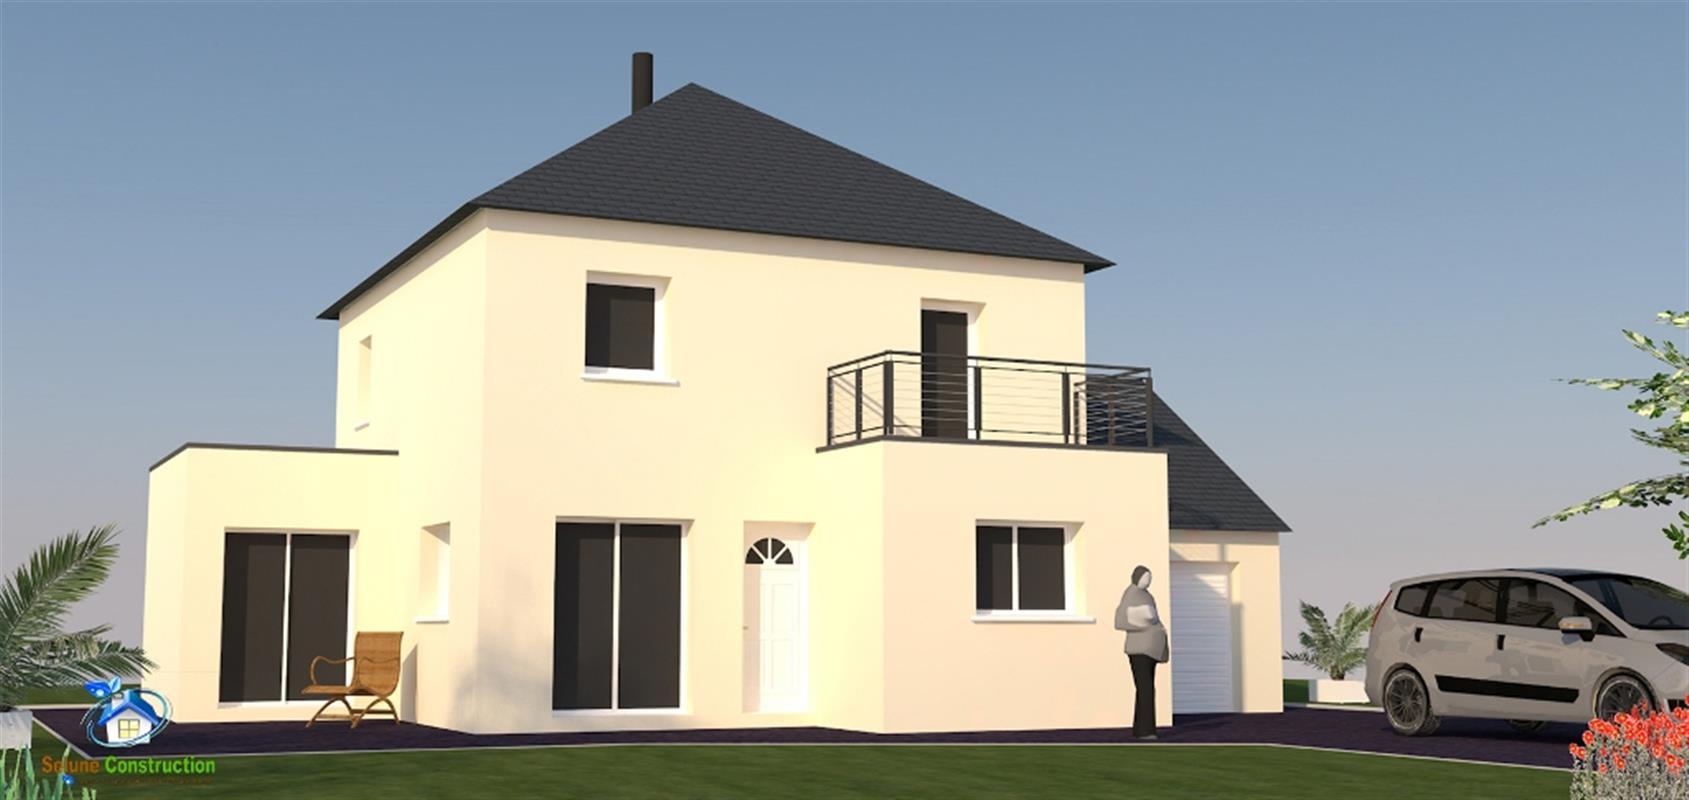 atlantide 102 m type f5 catalogue constructeur maison neuve traditionnelle en bretagne. Black Bedroom Furniture Sets. Home Design Ideas